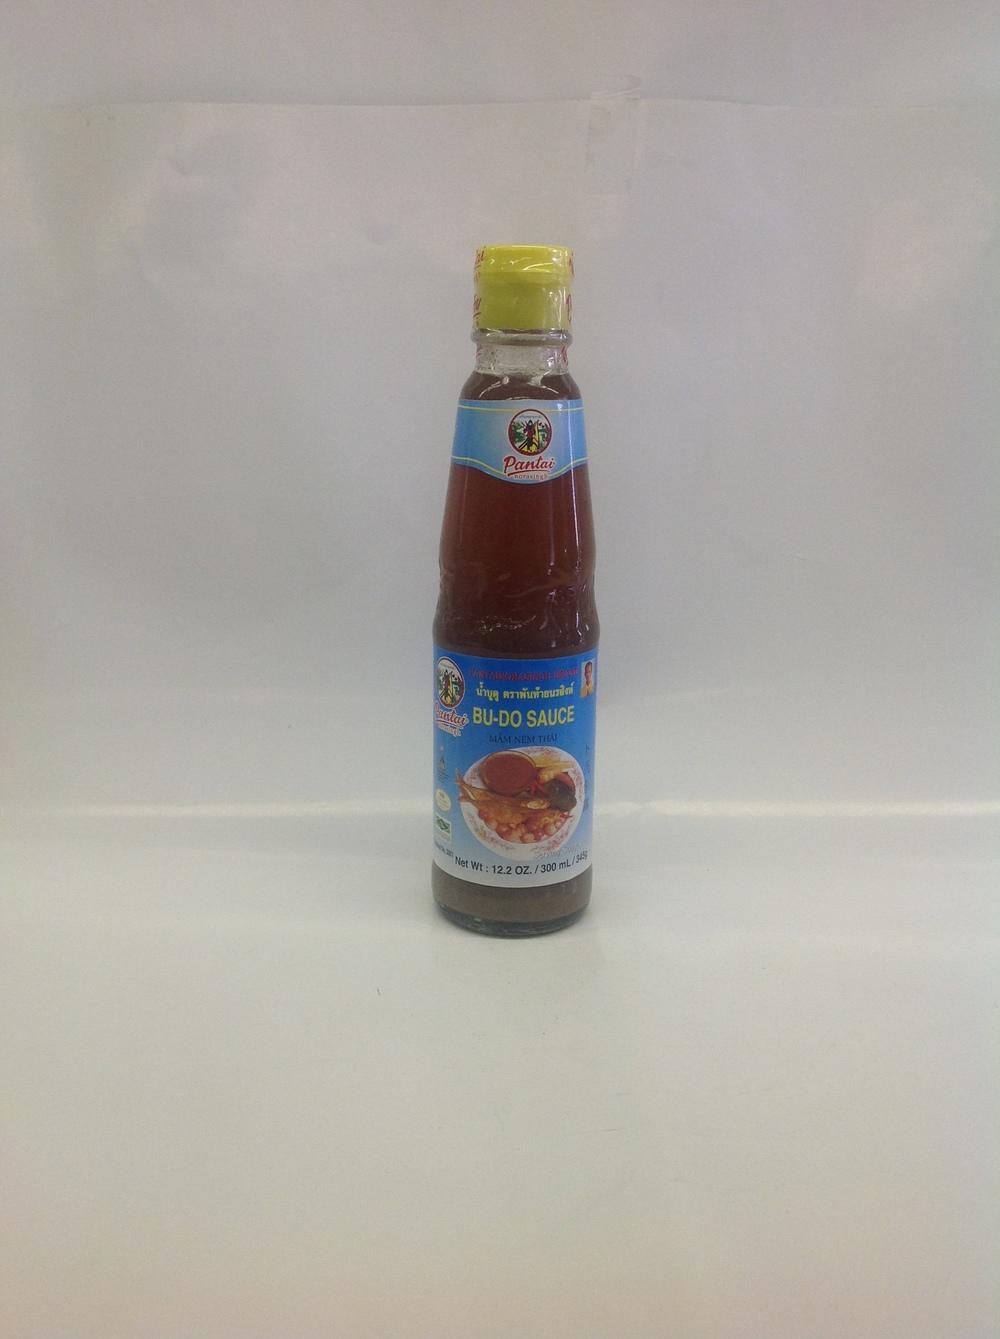 Bu Do Sauce   Pantai   SA11270 24x12.2 oz